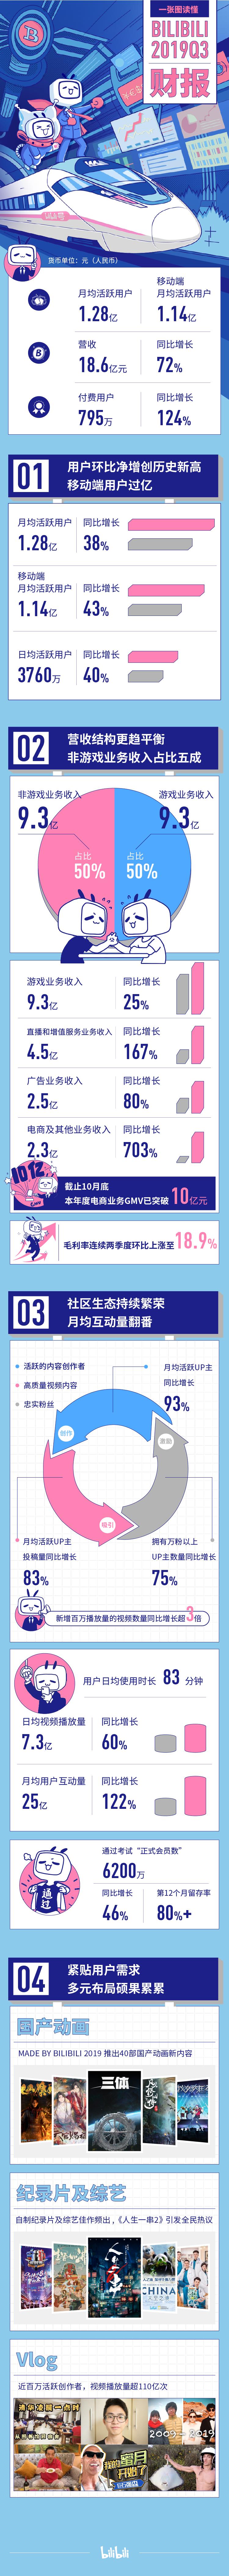 B站三季度營收增72%,實現游戲和非游戲收入各占一半目標_用戶